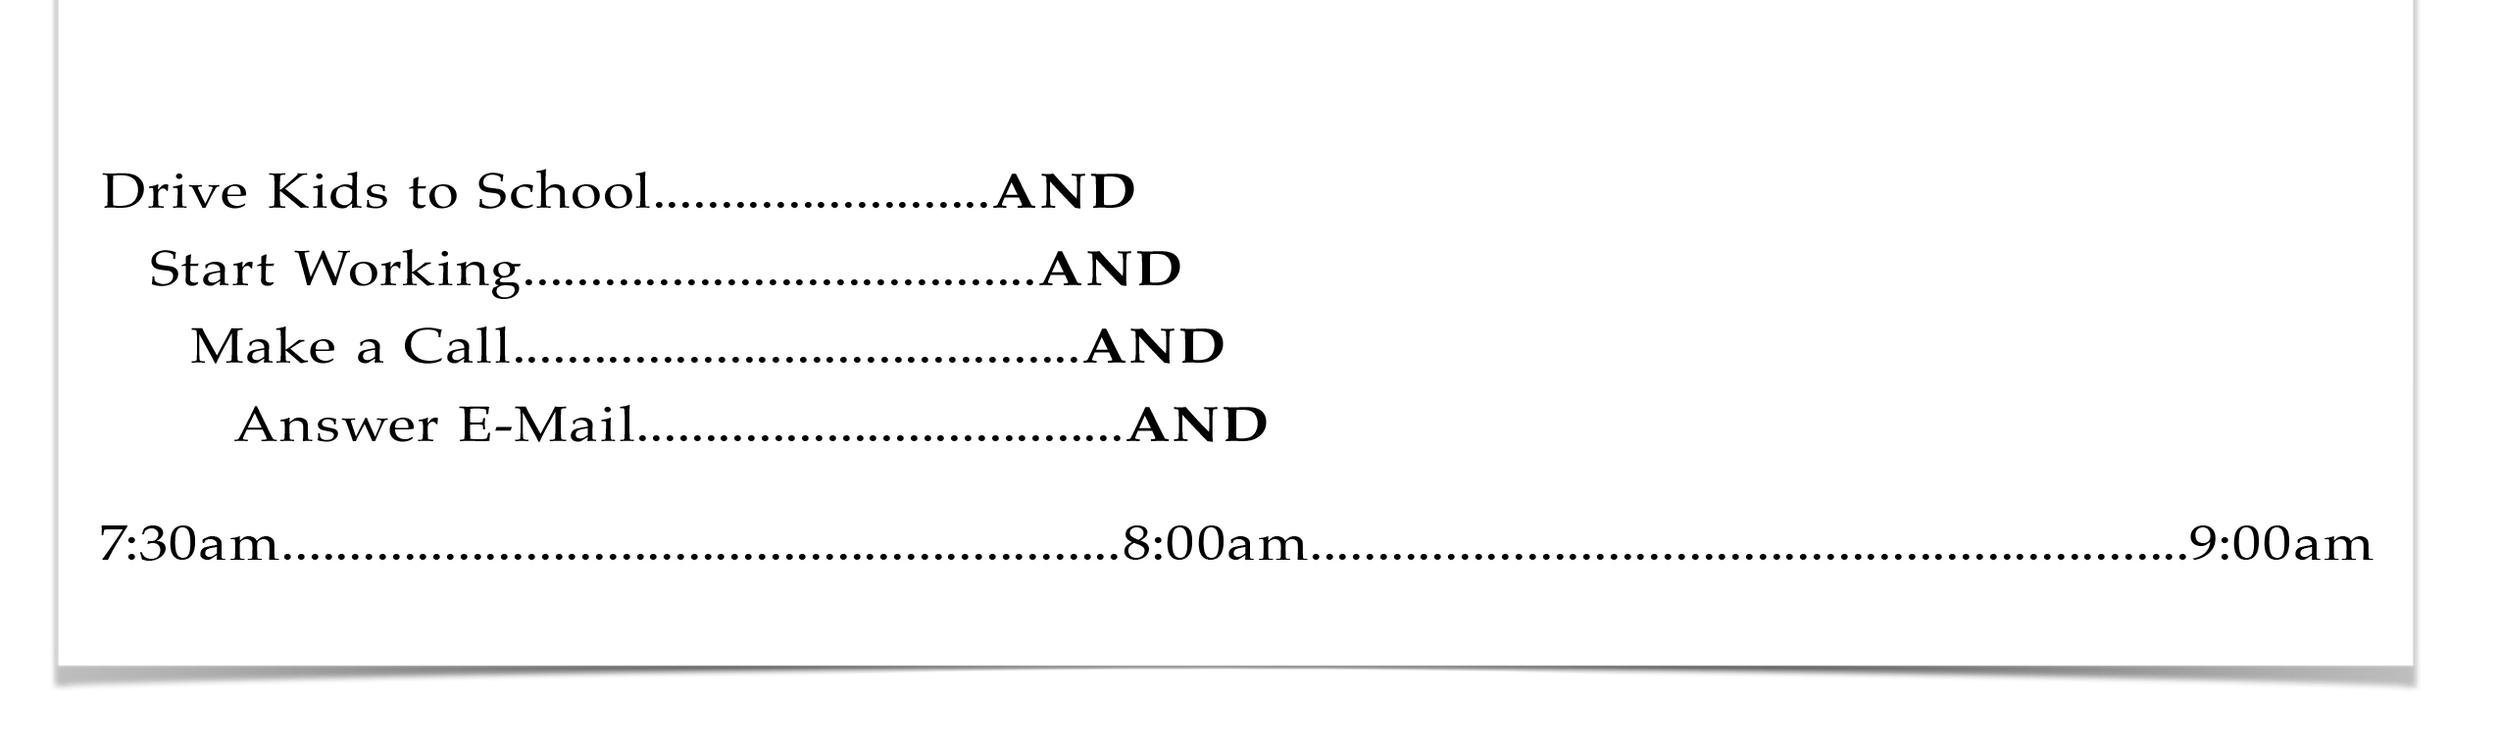 02 Typical Schedule b.jpg